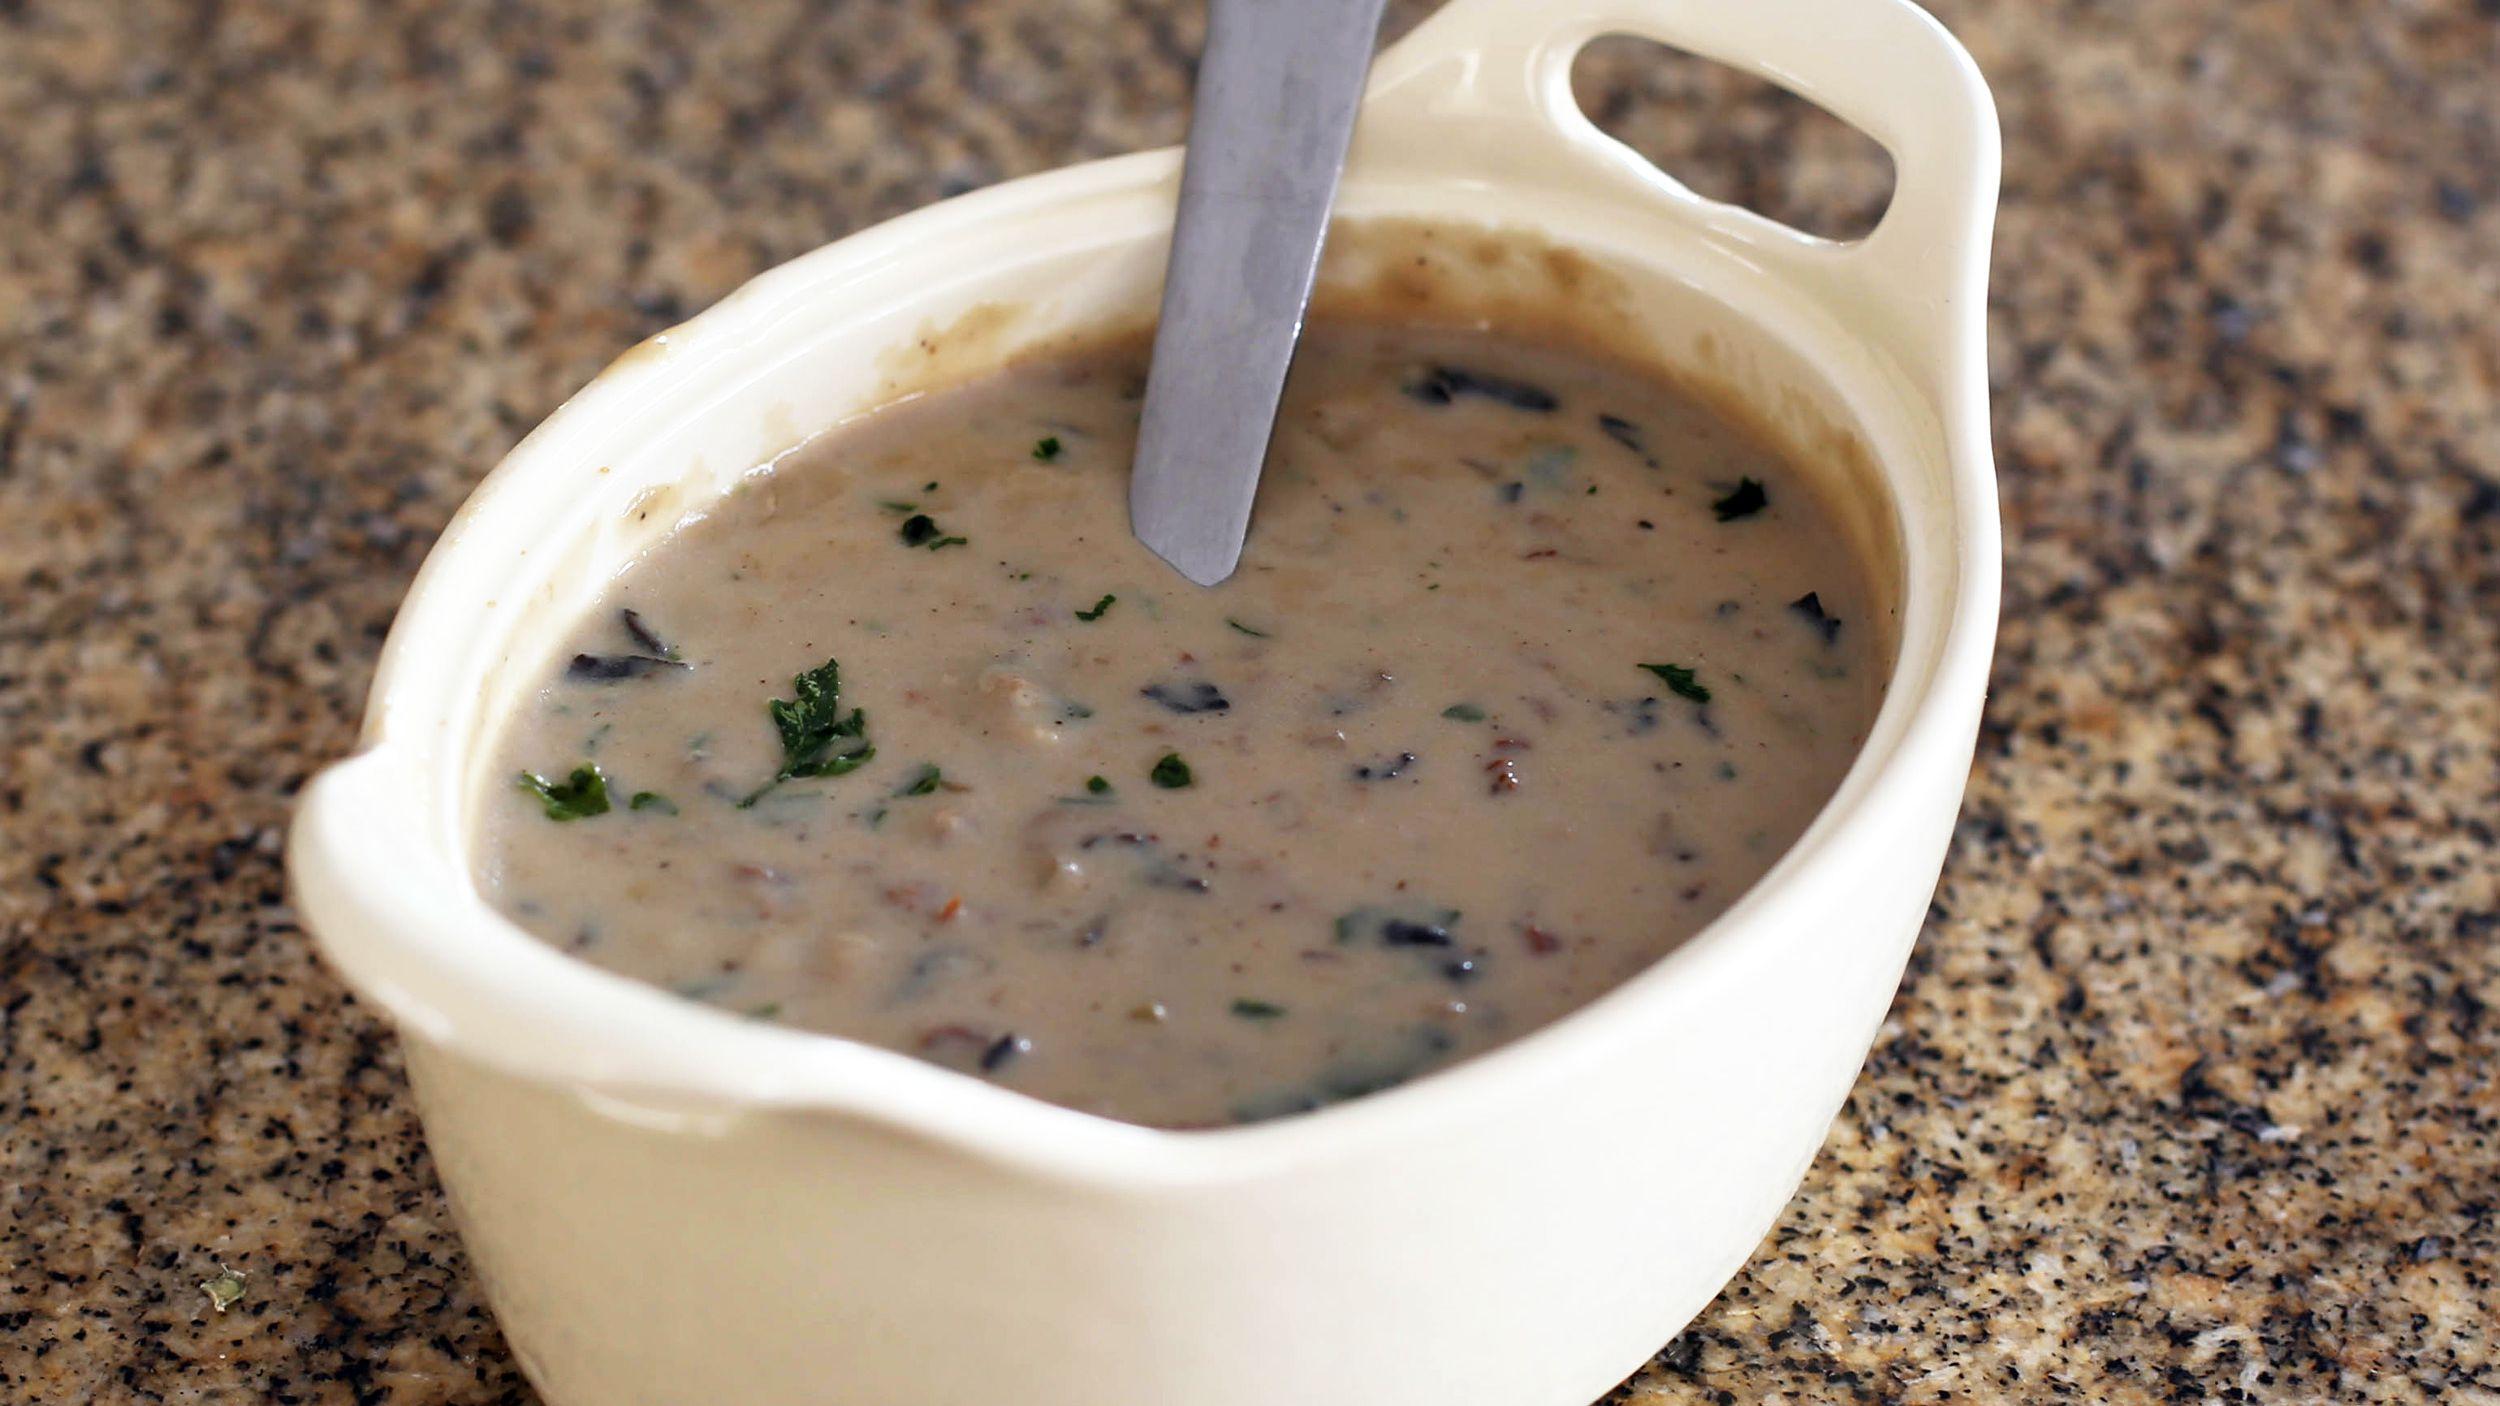 Wild Mushroom Cream Sauce Recipe